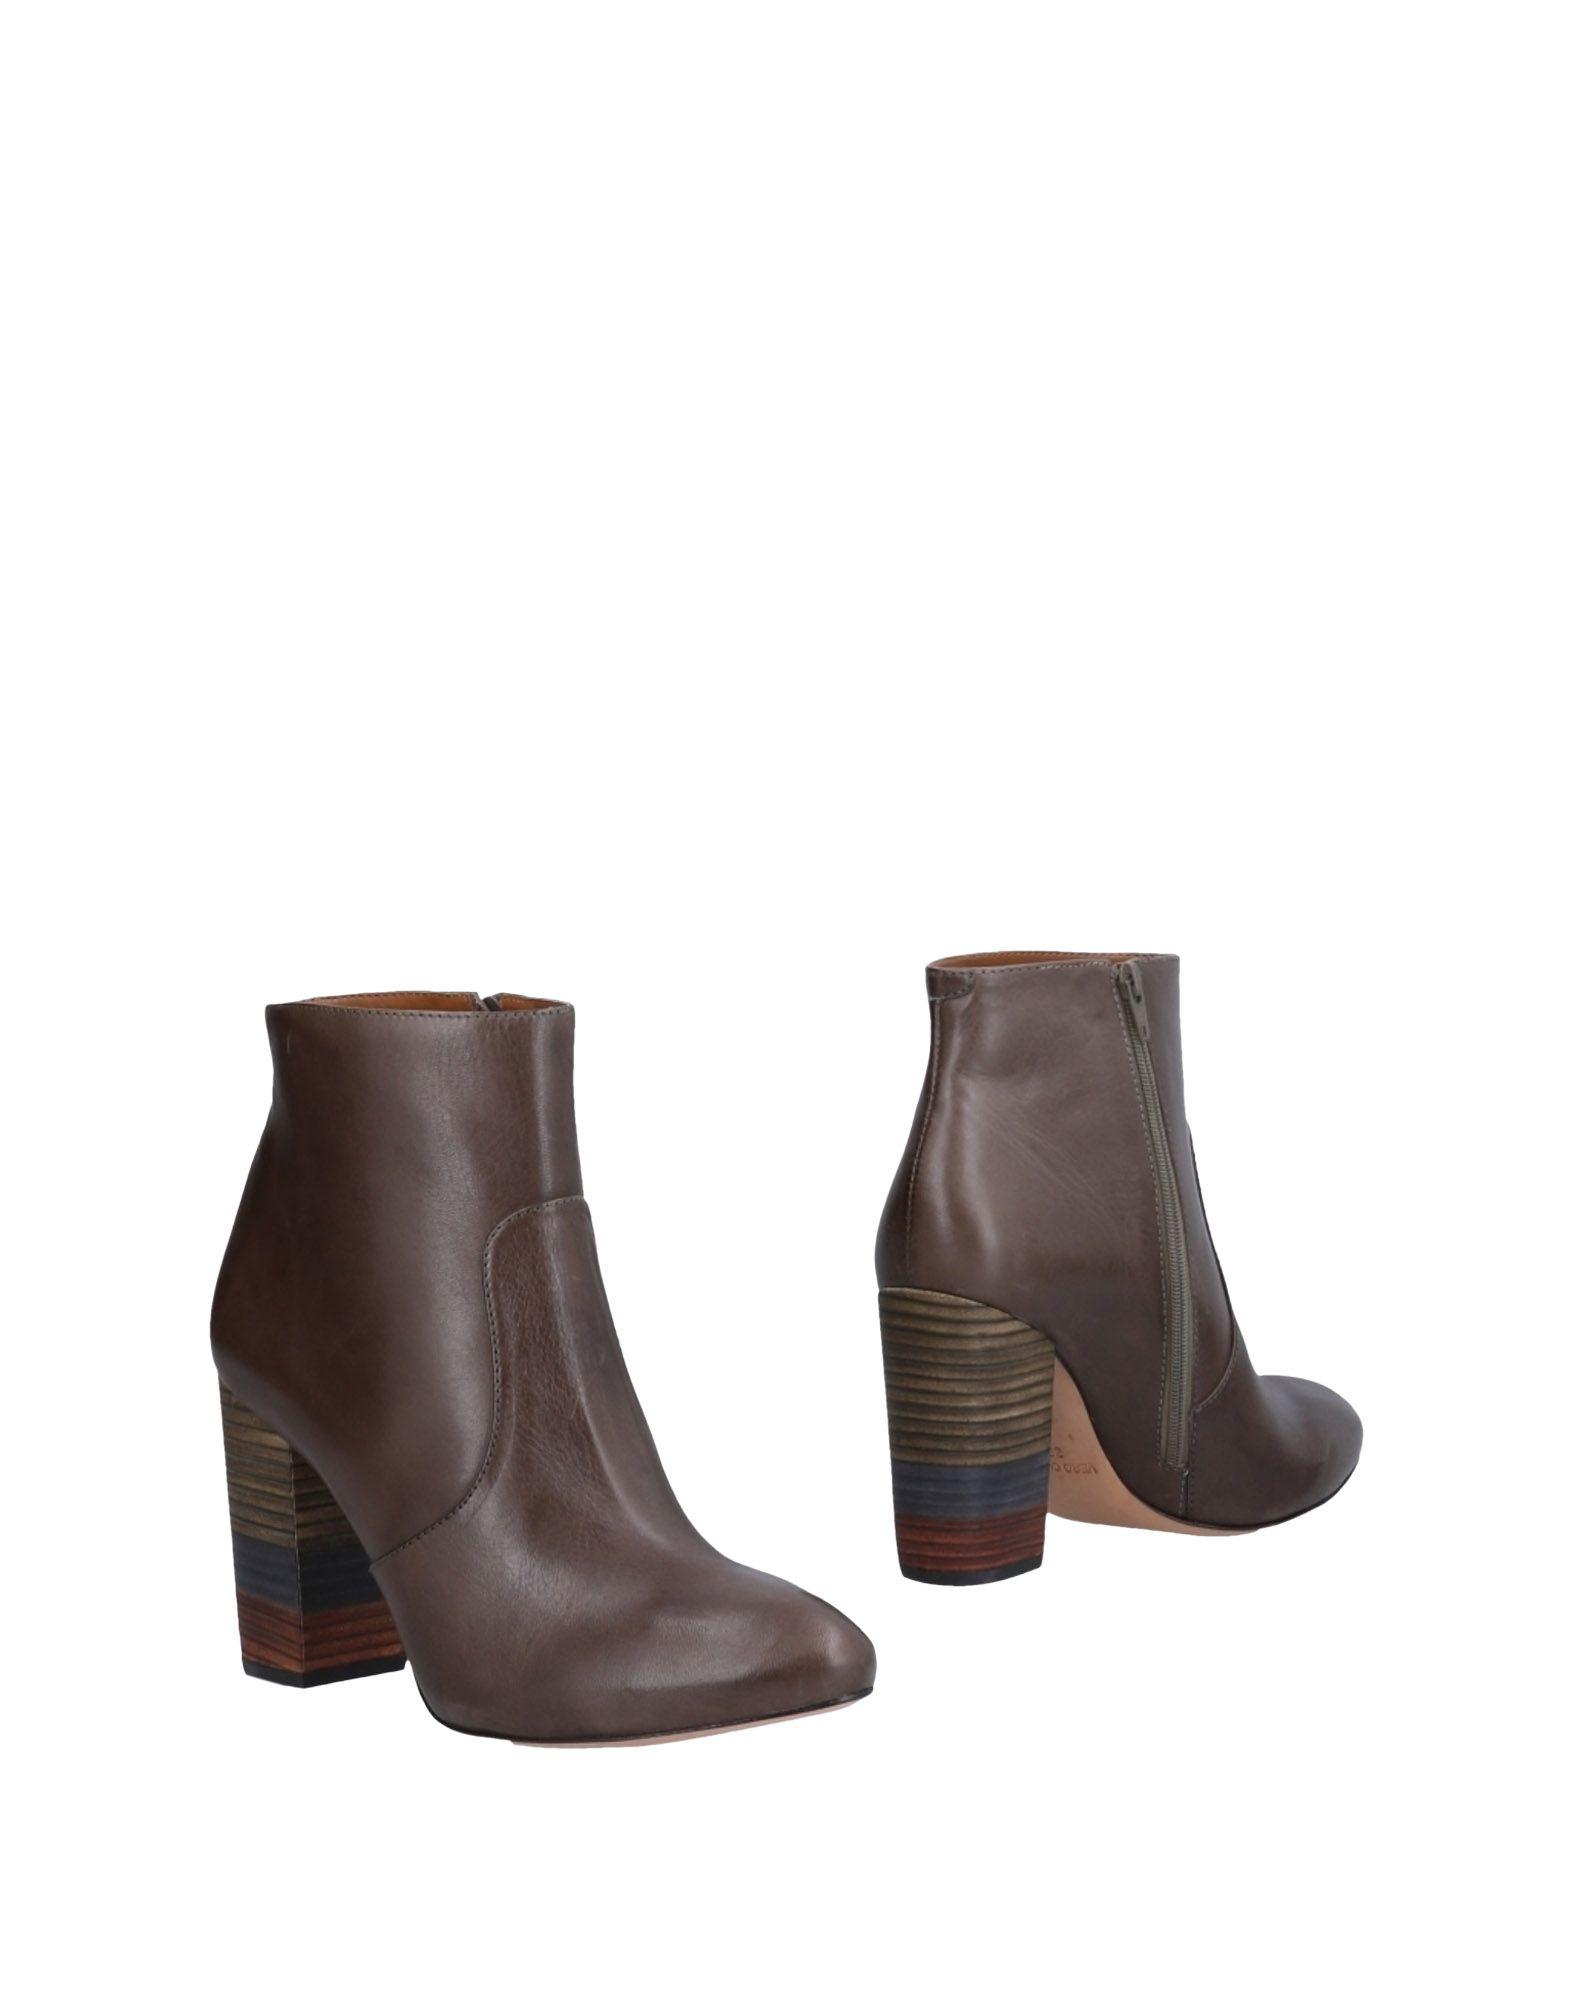 Cuoieria Stiefelette Damen Schuhe  11483303NB Gute Qualität beliebte Schuhe Damen e59ecb